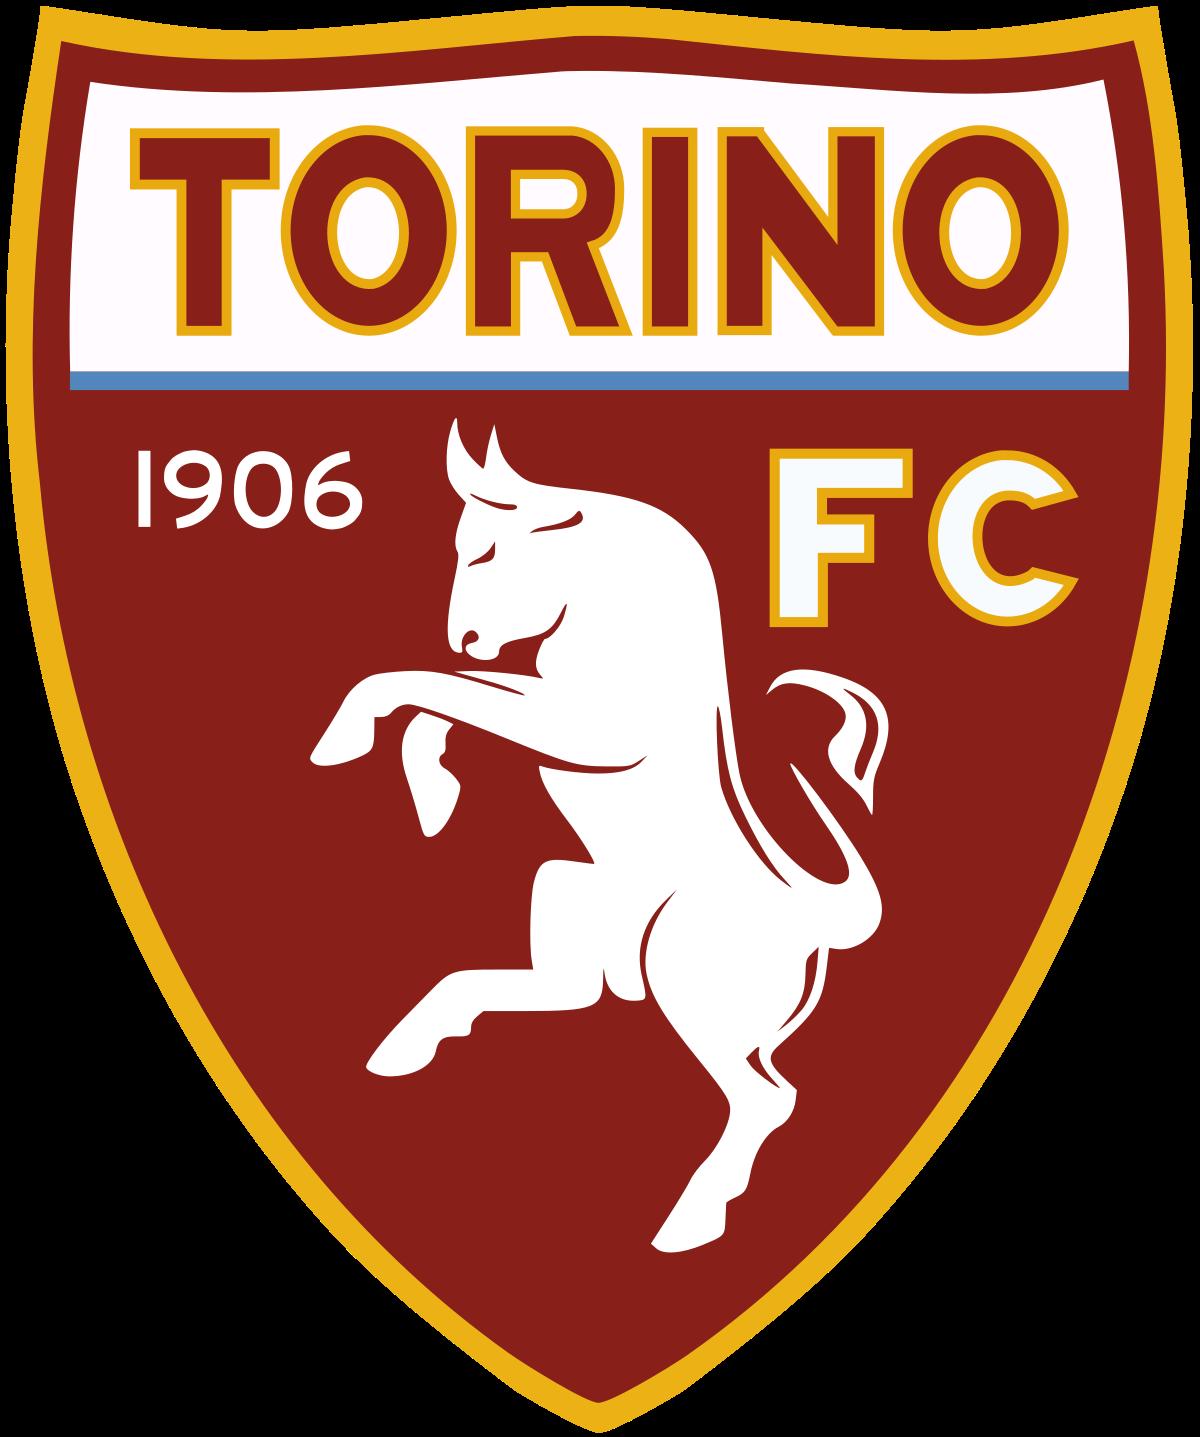 Torino Fc Calendario.Torino Fc Calendario Squadra Friuli Venezia Giulia